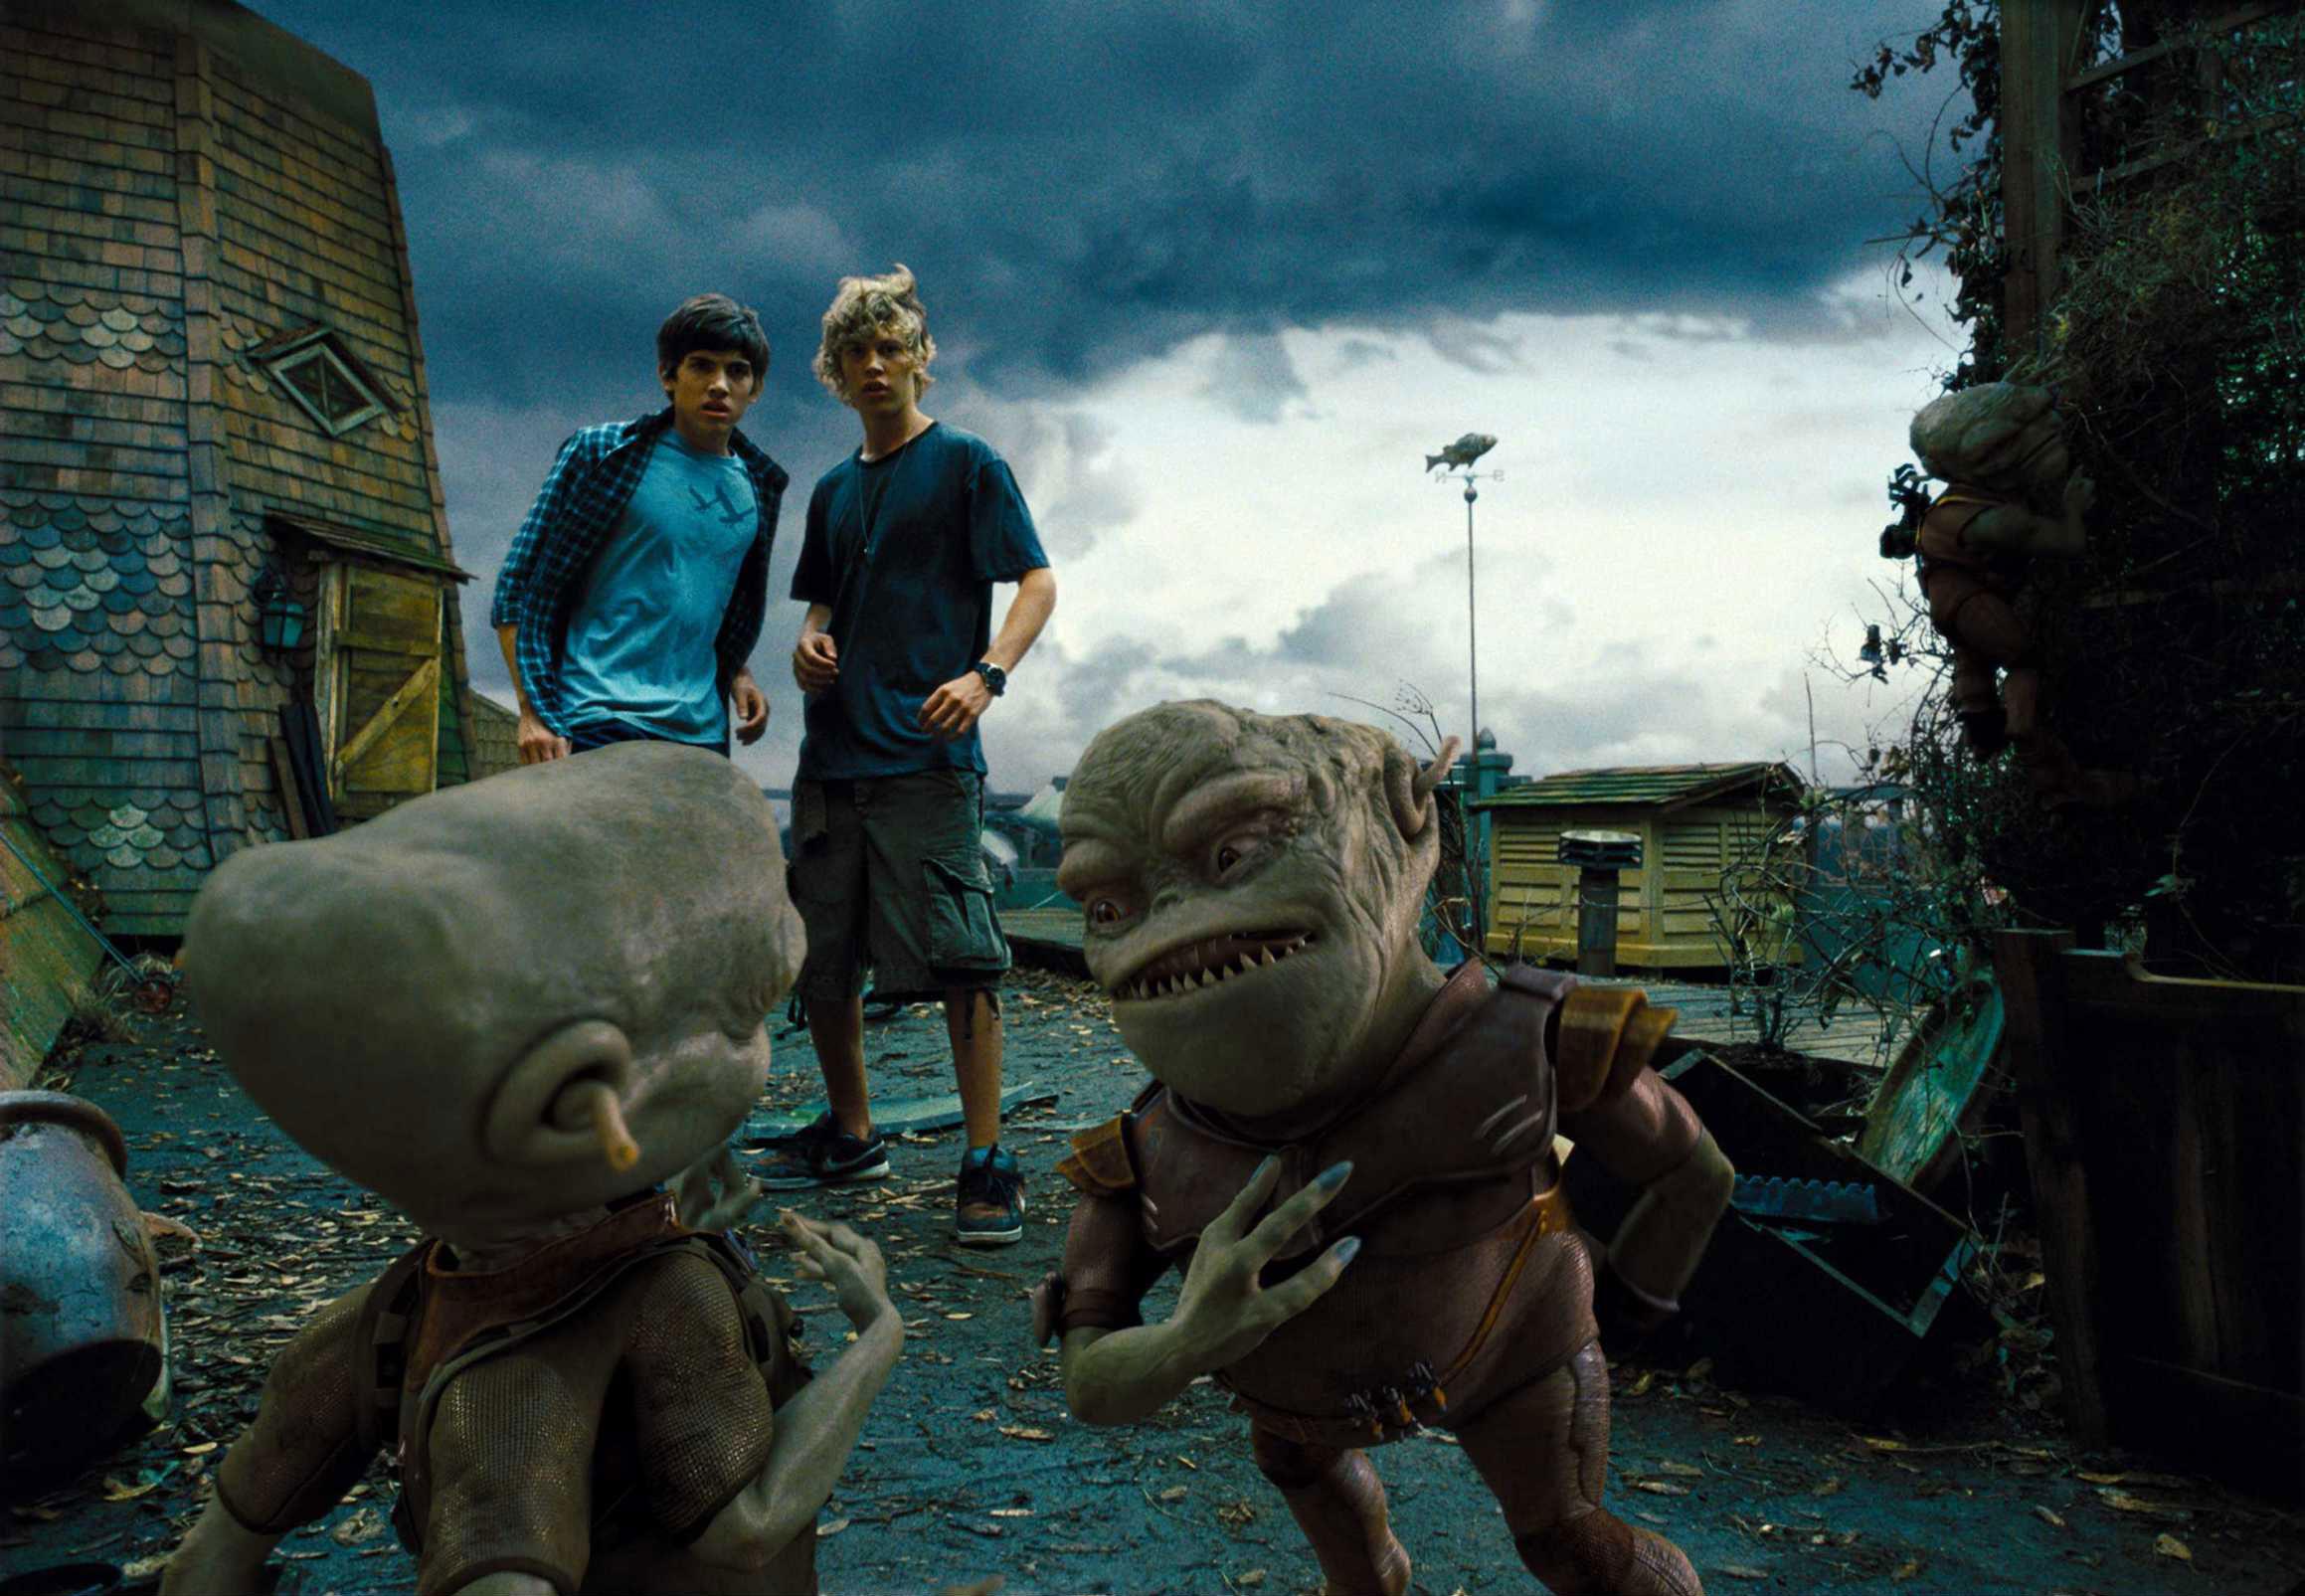 кадры из фильма Пришельцы на чердаке